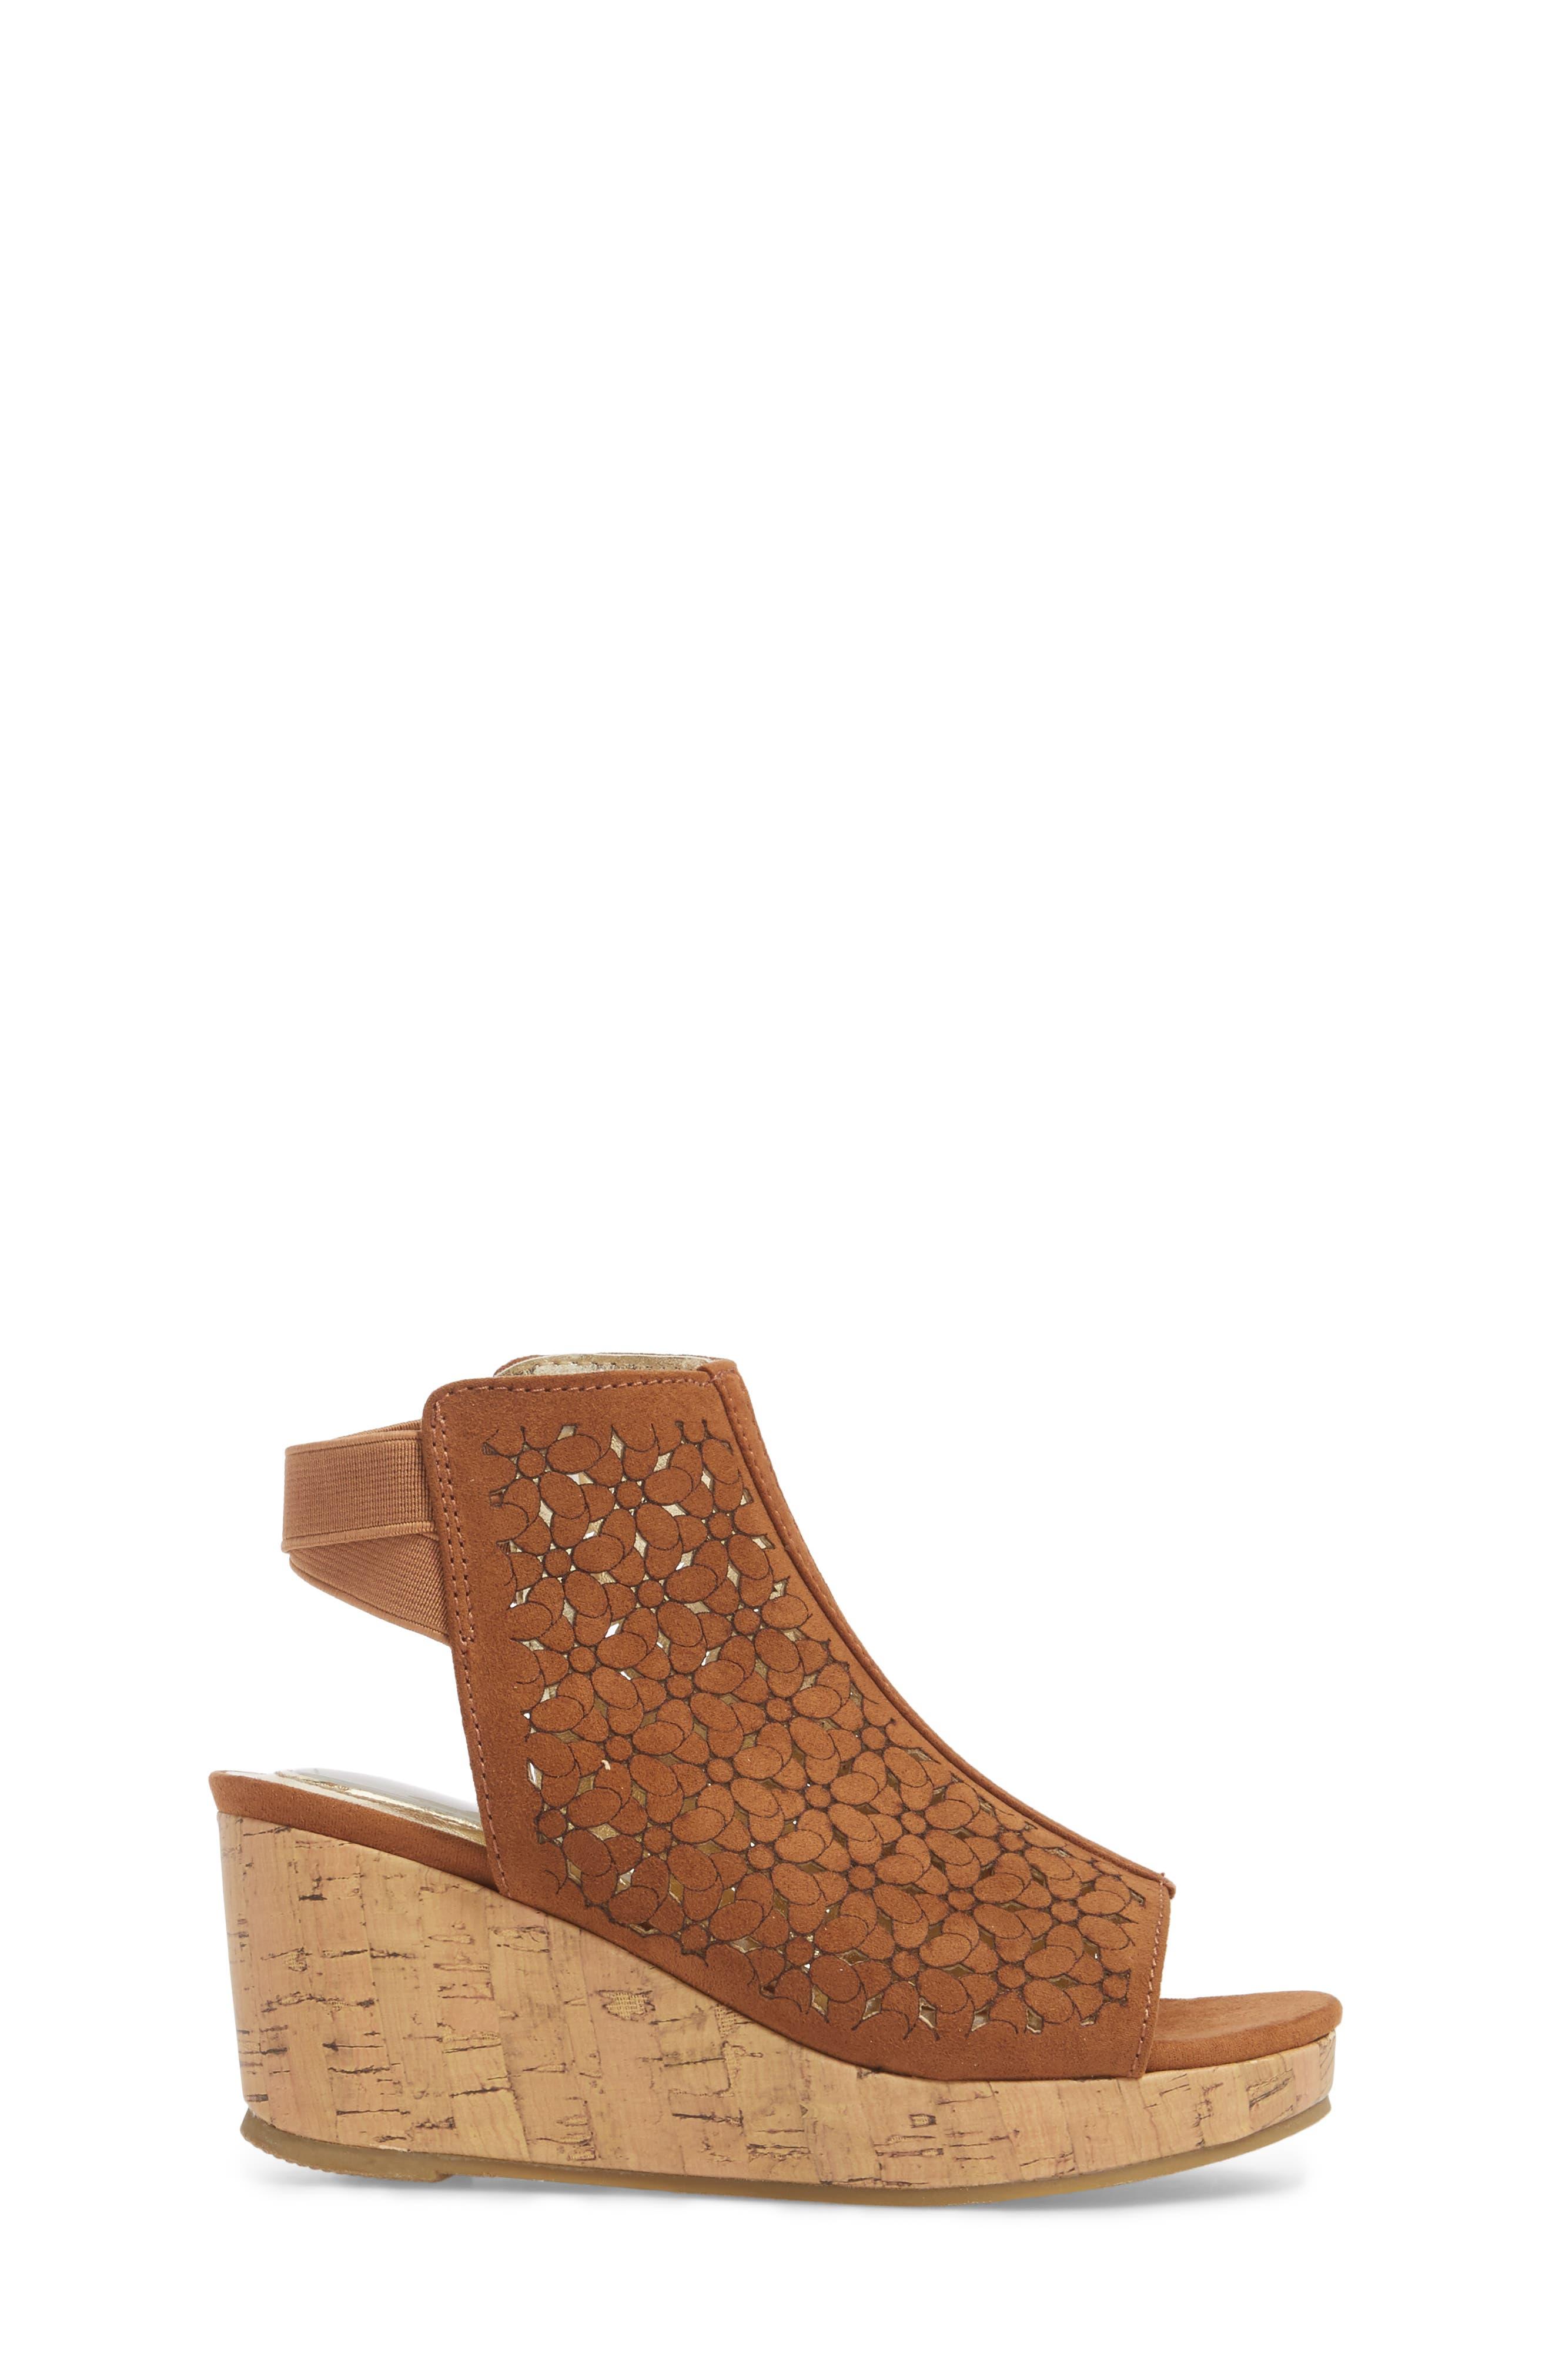 Corrine Finestra Wedge Sandal,                             Alternate thumbnail 3, color,                             255